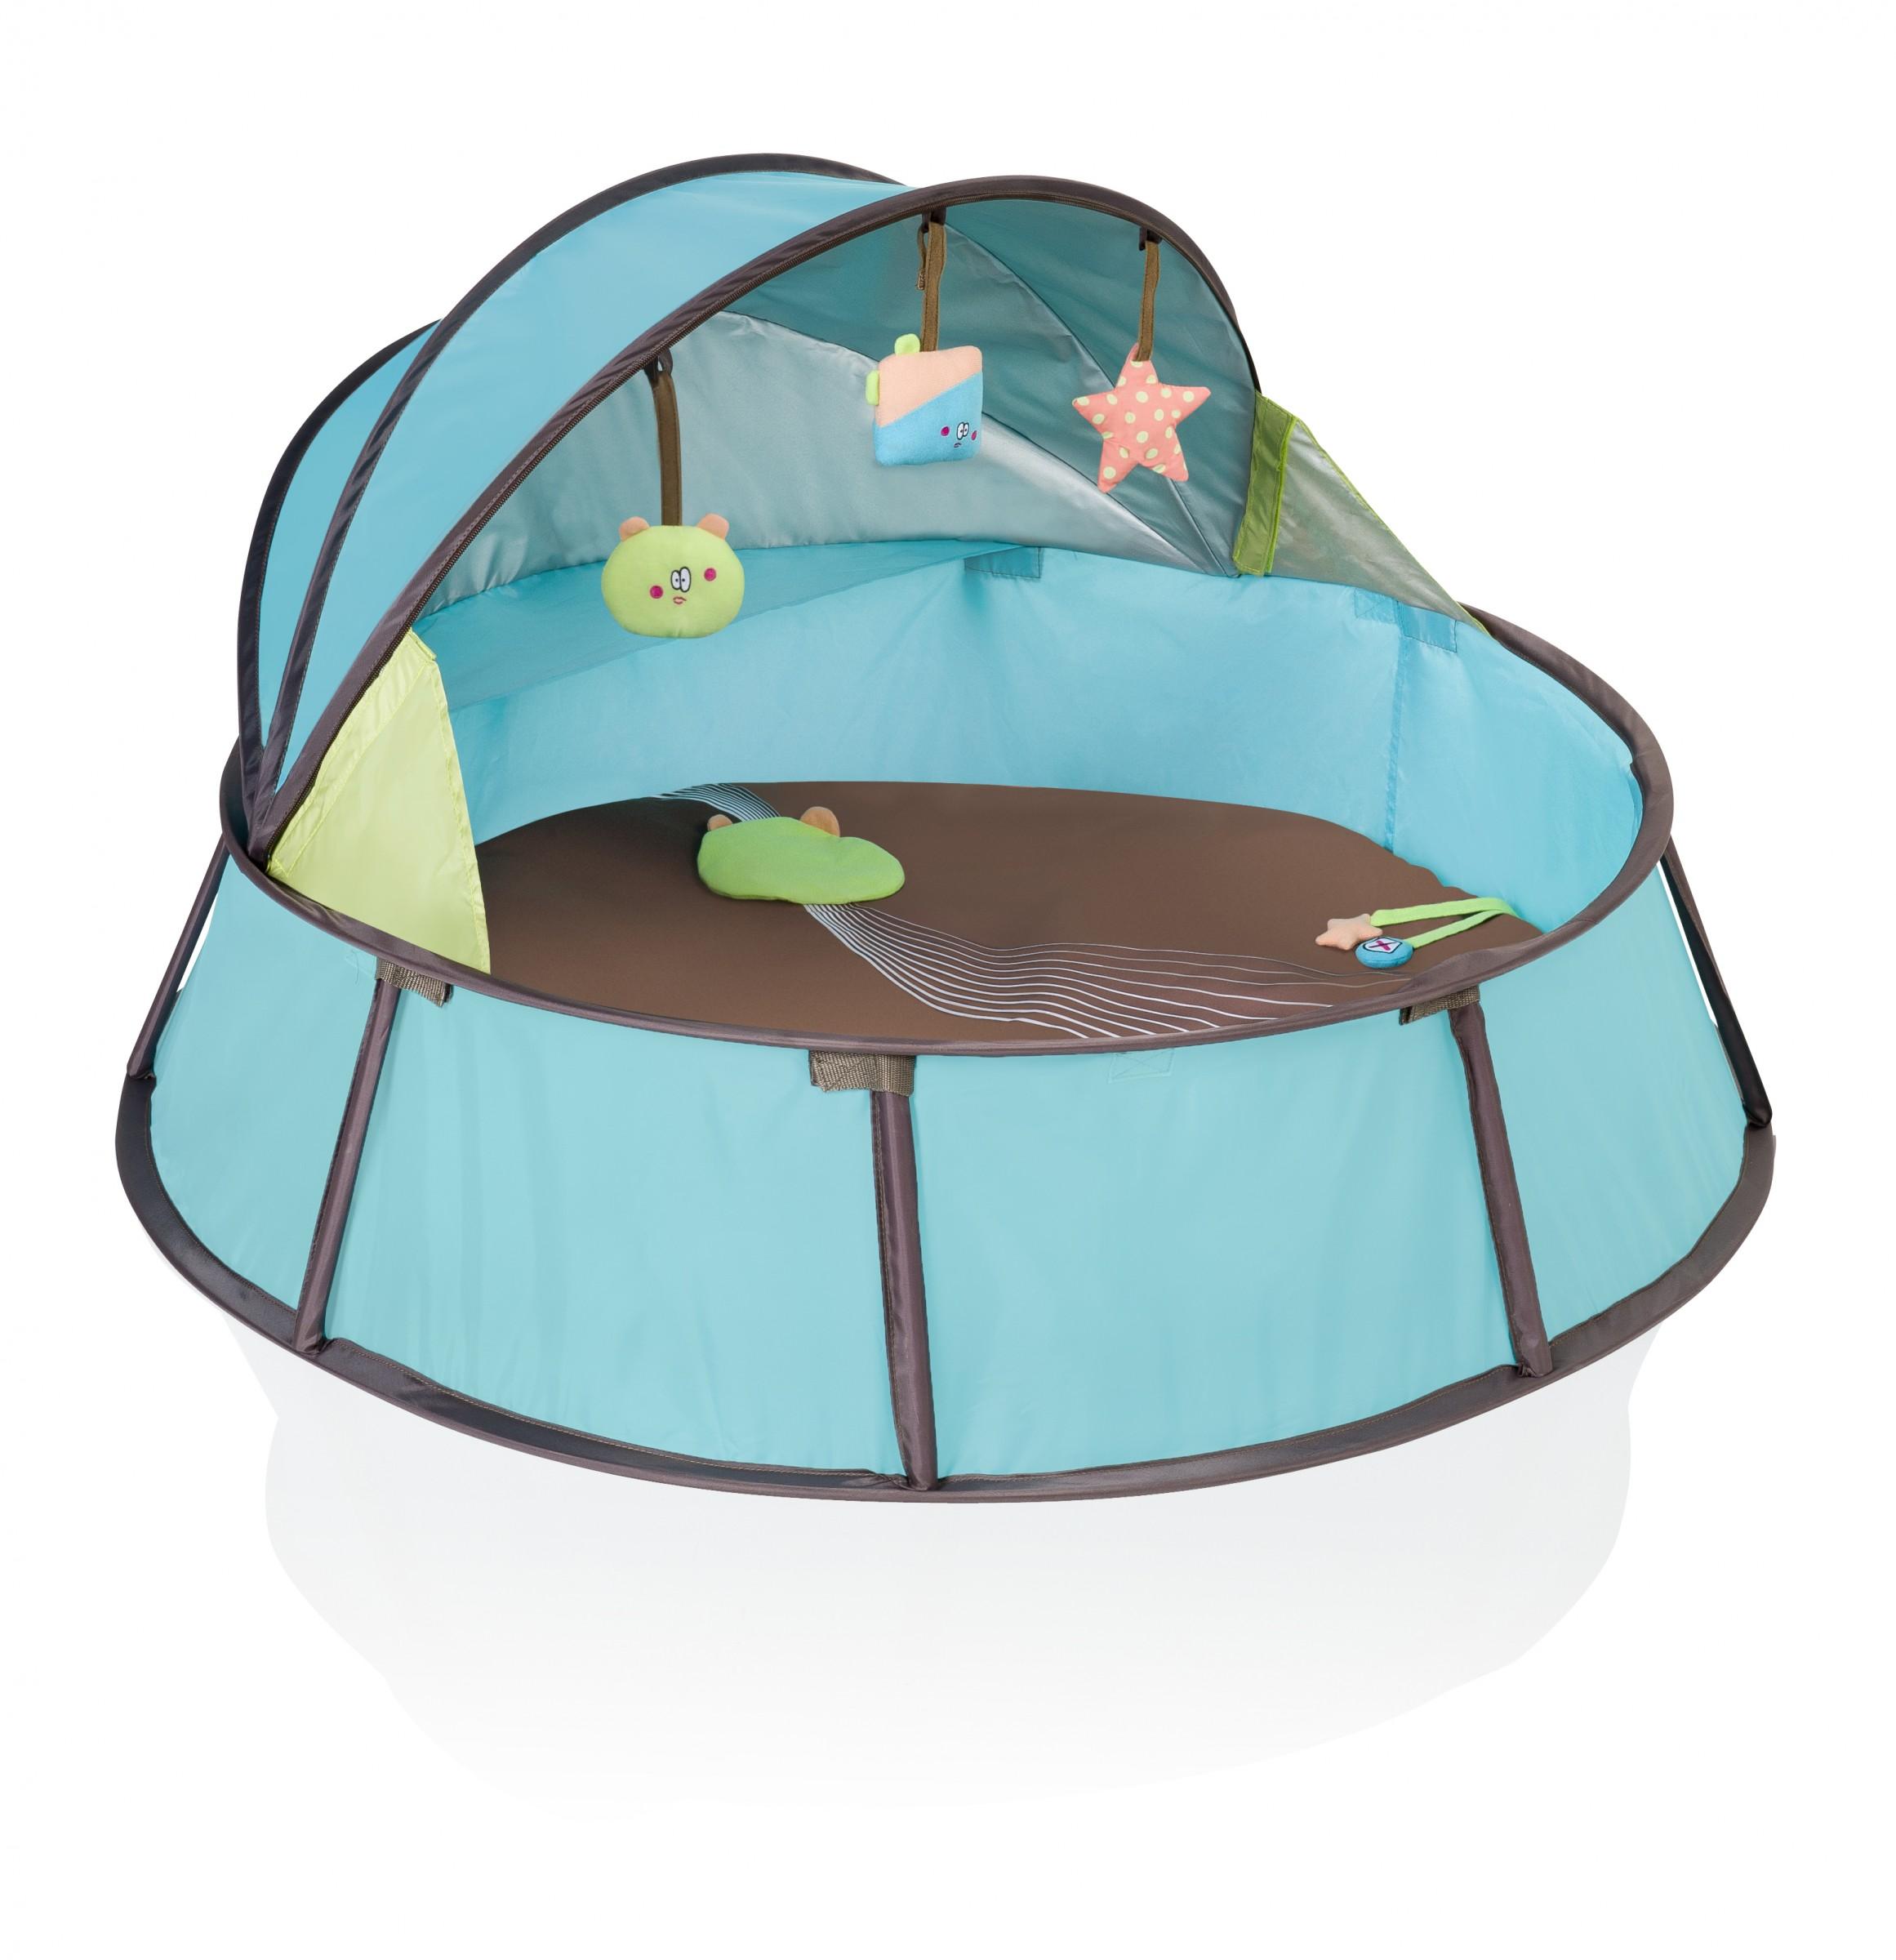 Babymoov Babyni Multifunktions-Spielpark